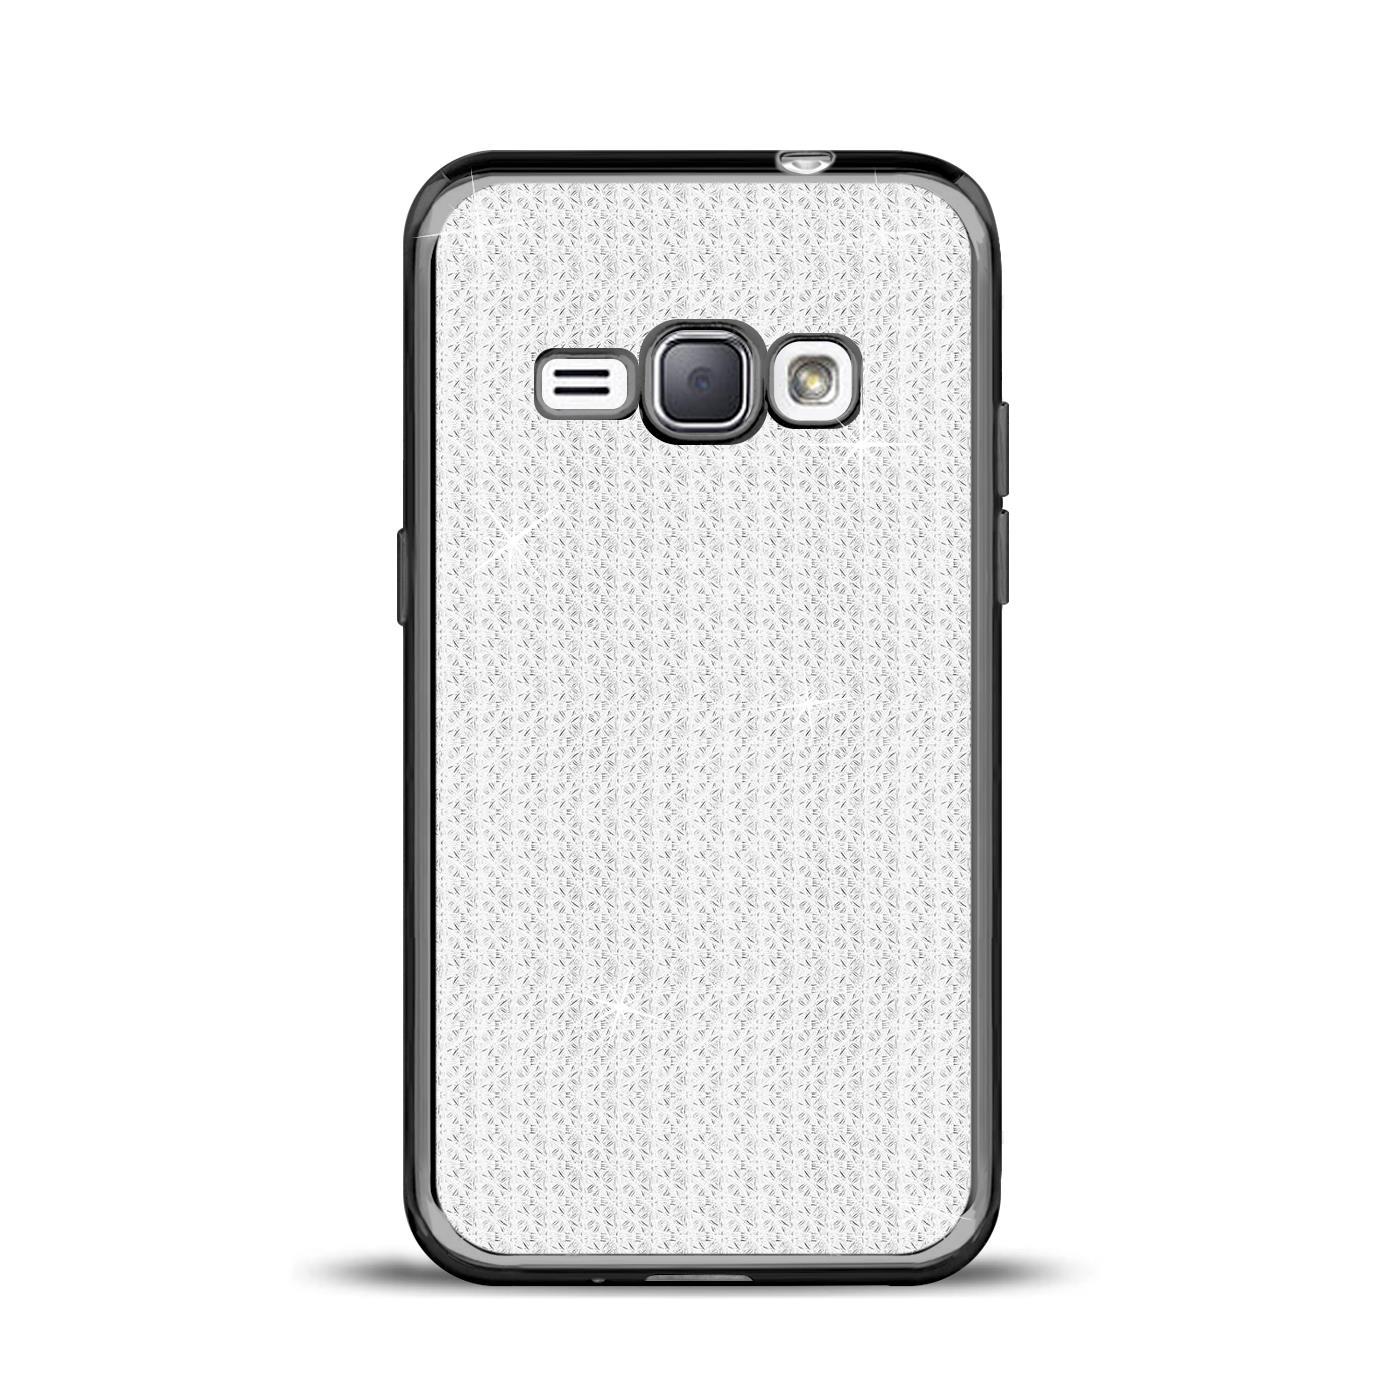 Handy-Etui-Samsung-Galaxy-J1-2016-Huelle-Glitzer-Silikon-Case-Schutz-Cover-Tasche Indexbild 3